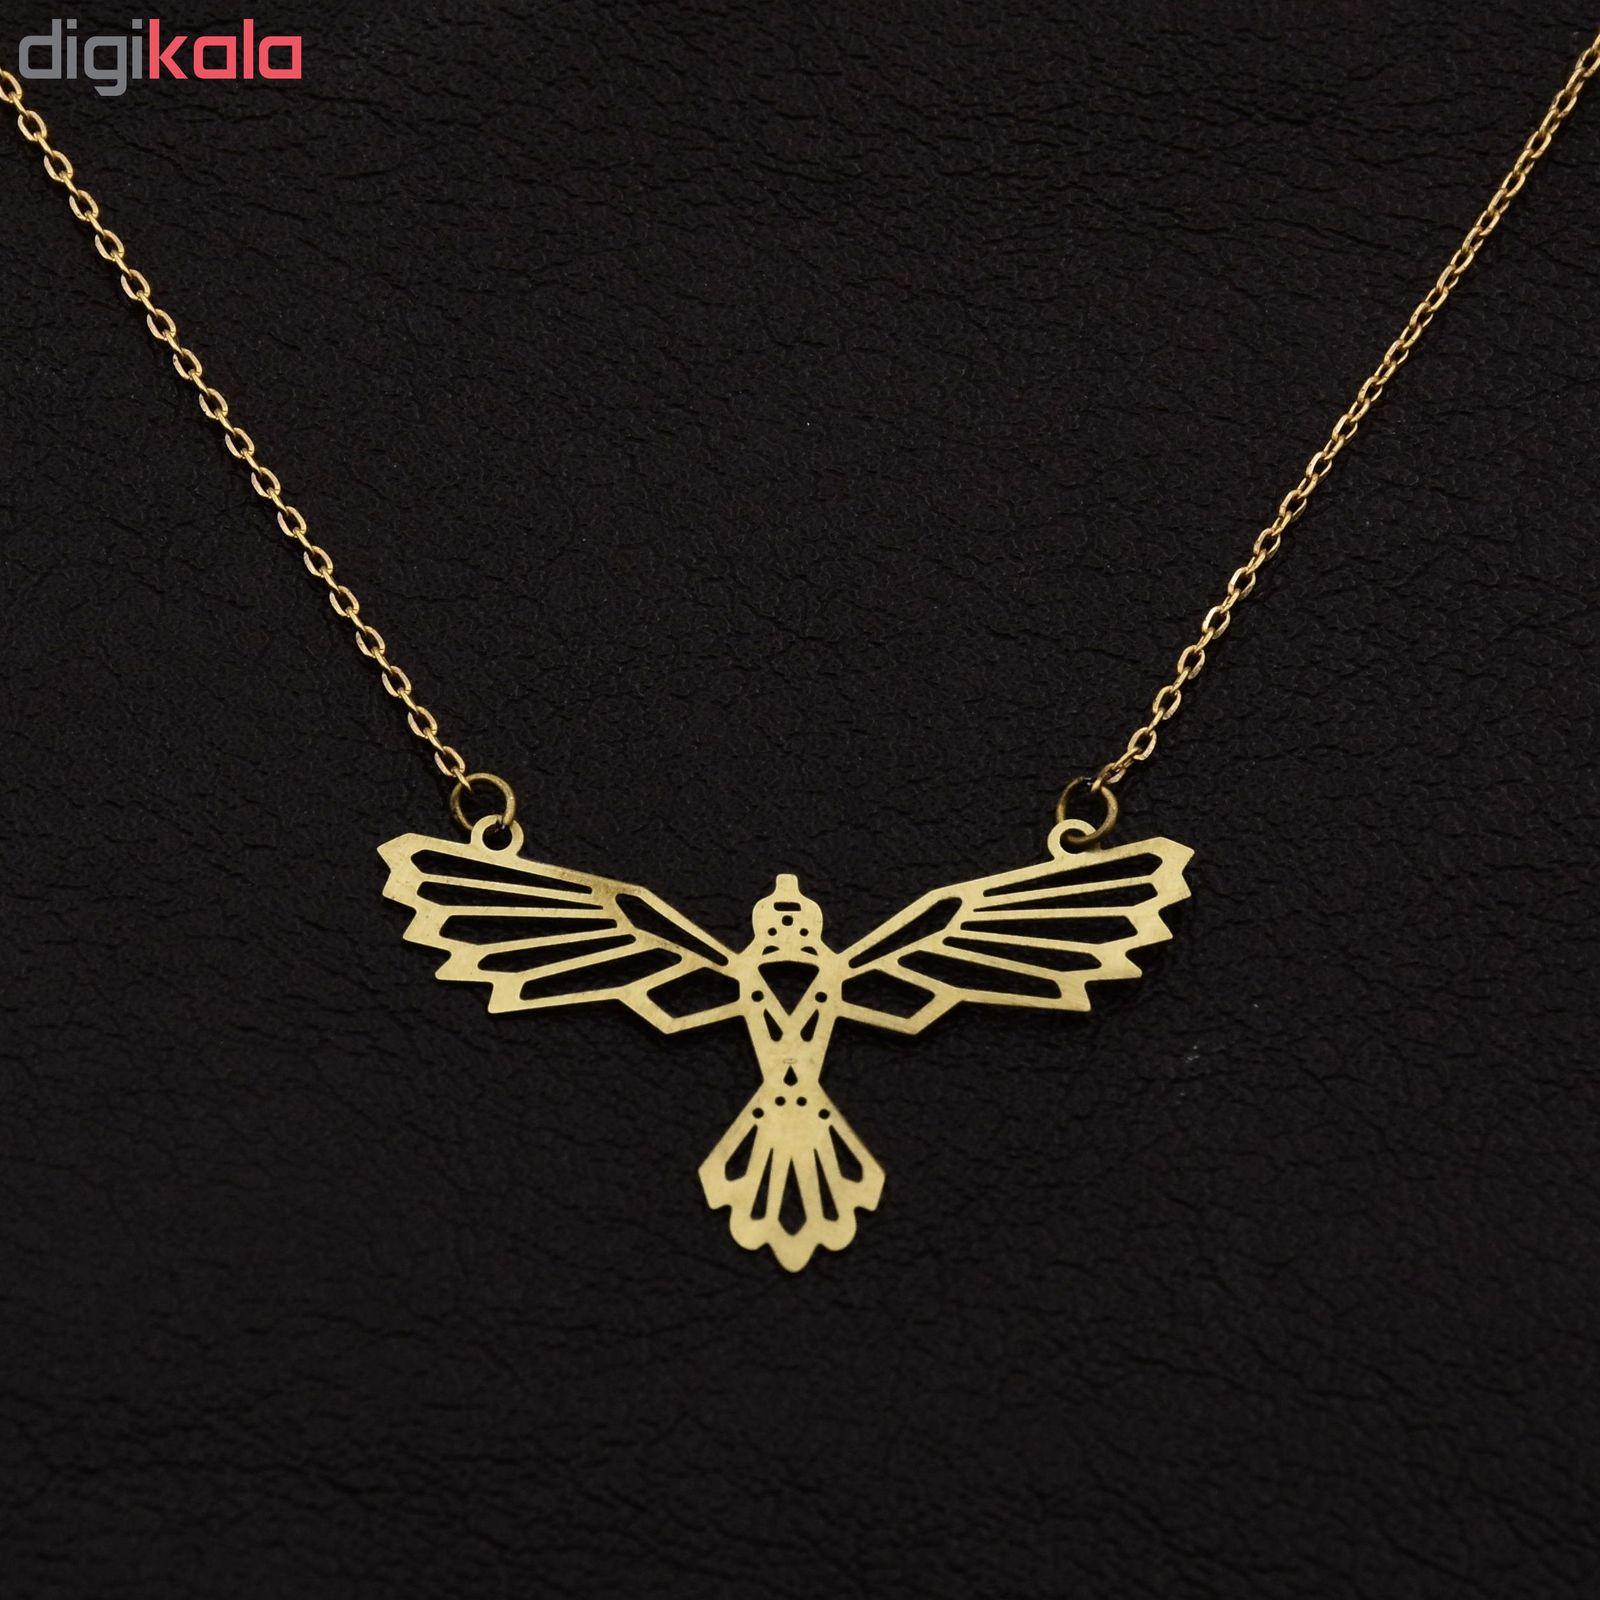 گردنبند طلا 18 عیار نه آمانژ طرح پرنده کد 685D3095